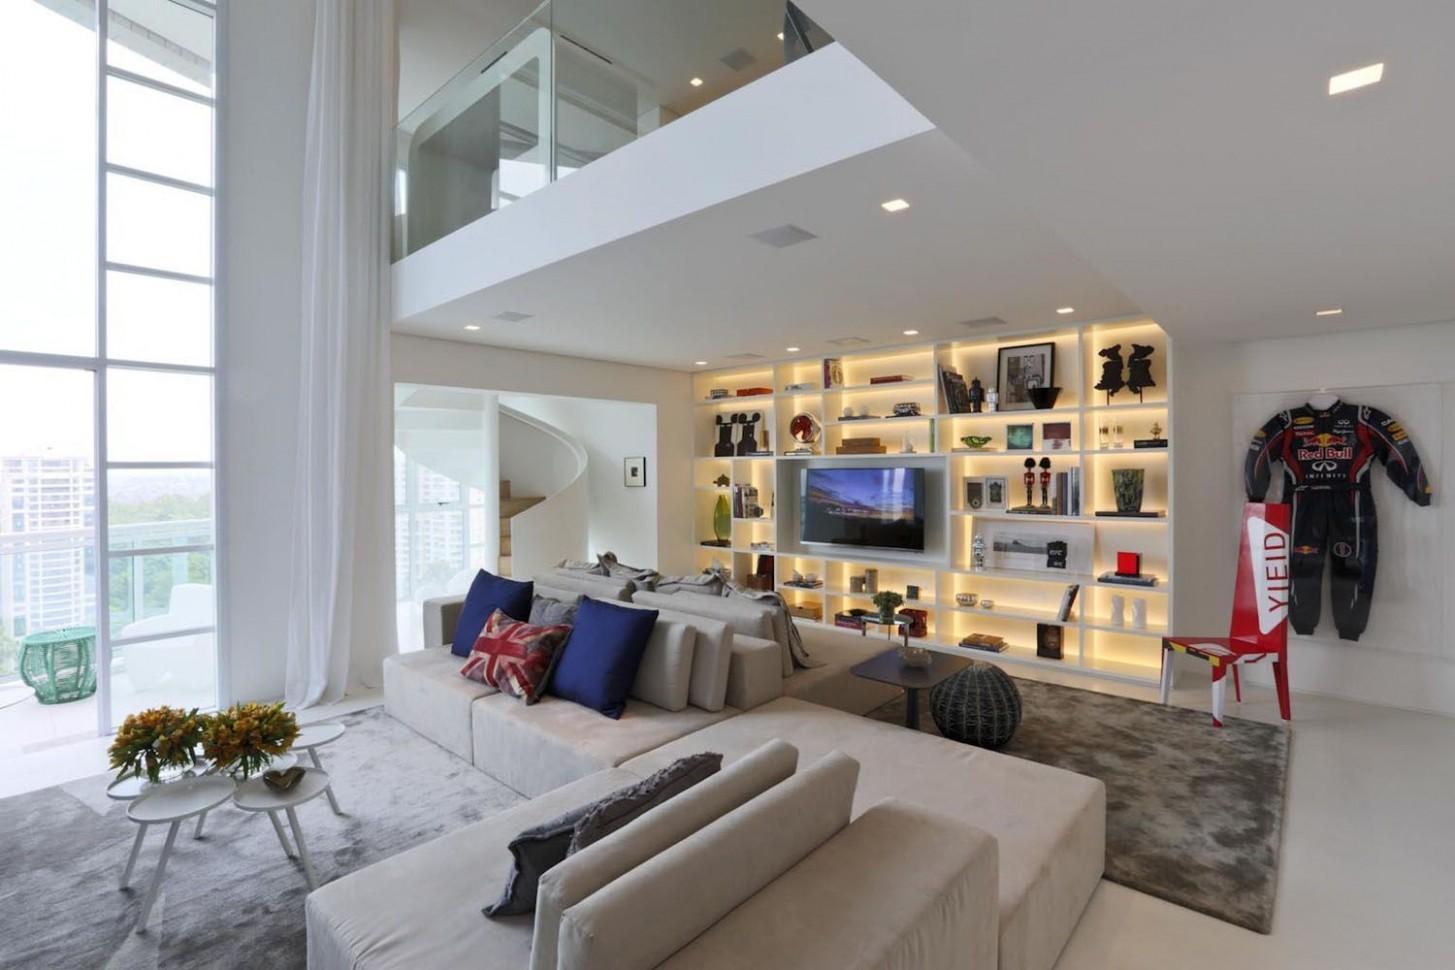 Minimalist Luxury Duplex Apartment In São Paulo  iDesignArch  - Apartment Duplex Design